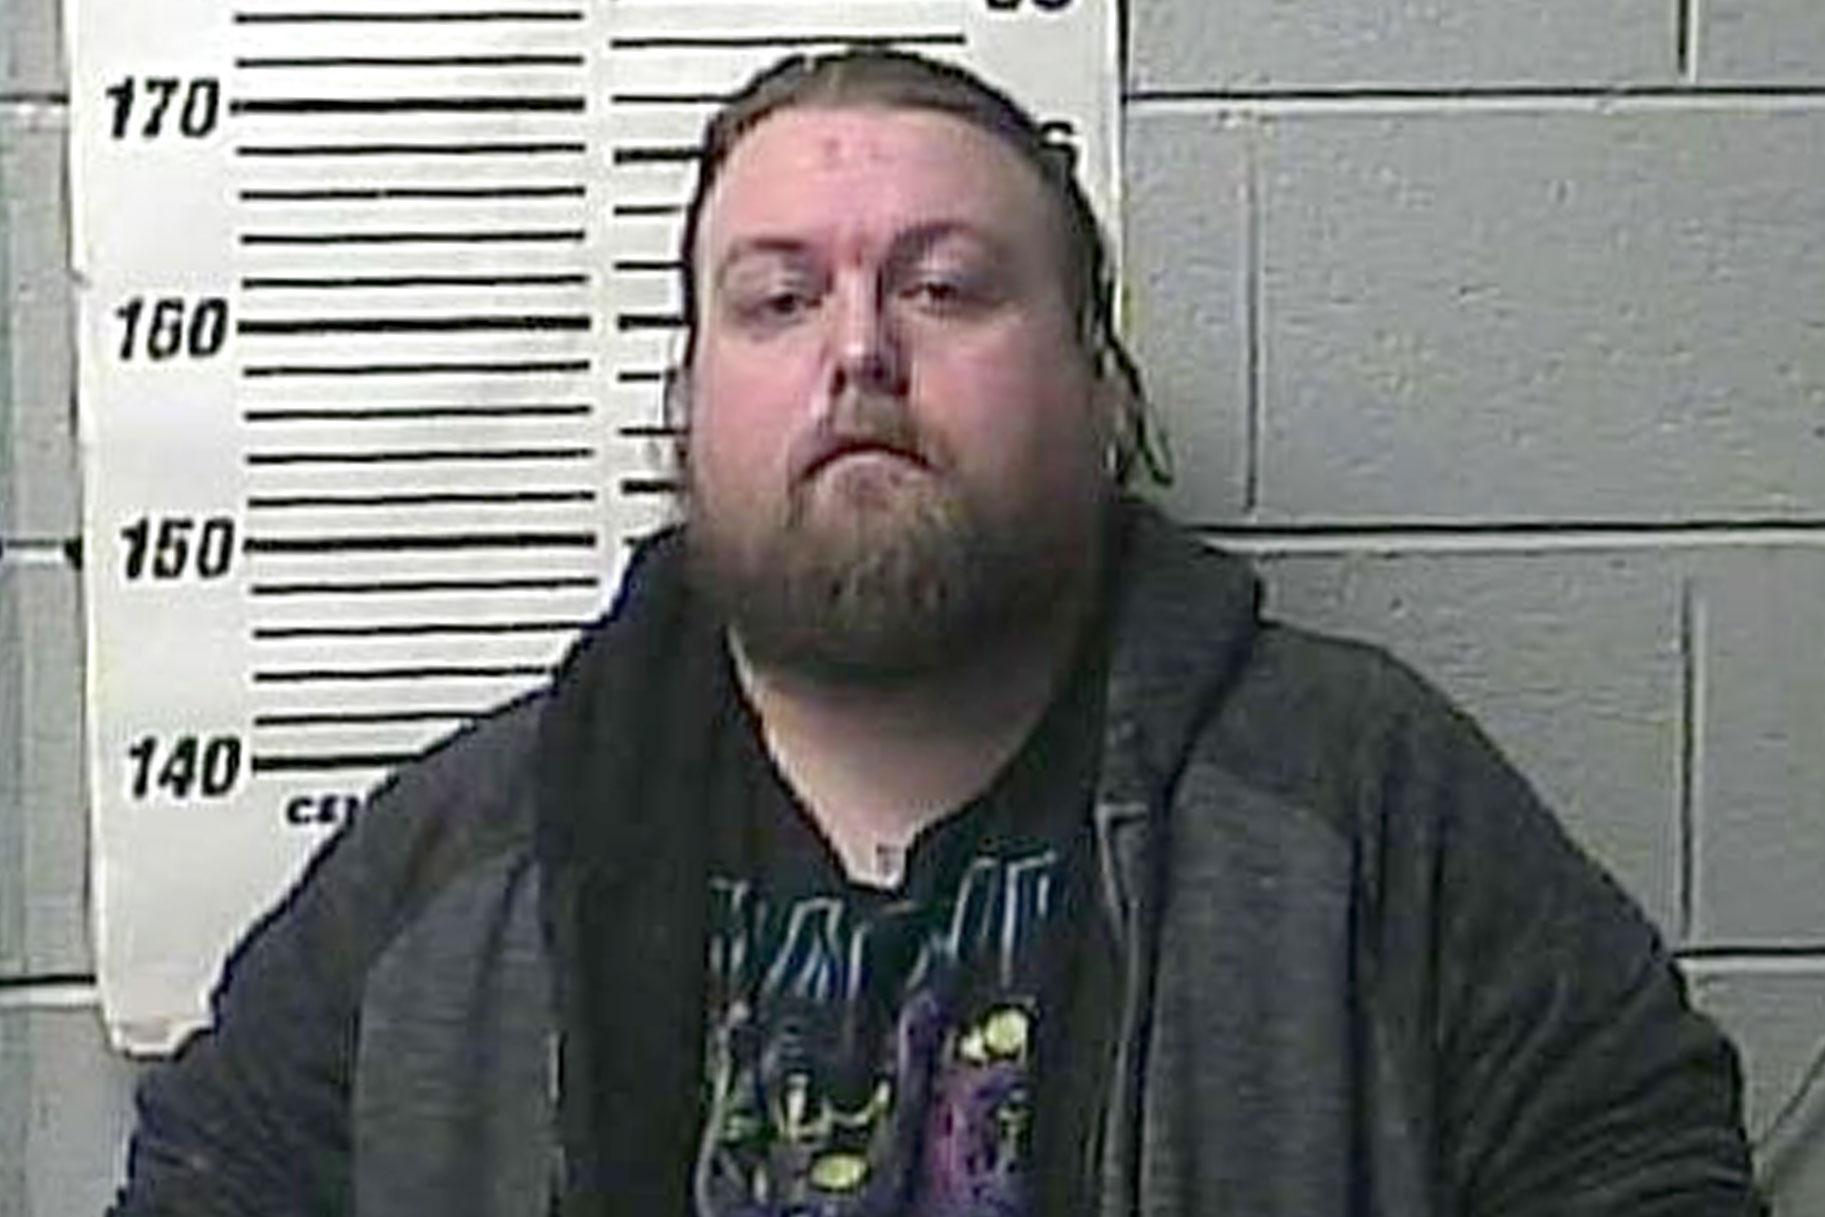 Actor de 'Walking Dead' arrestado después de salir de la cárcel por error